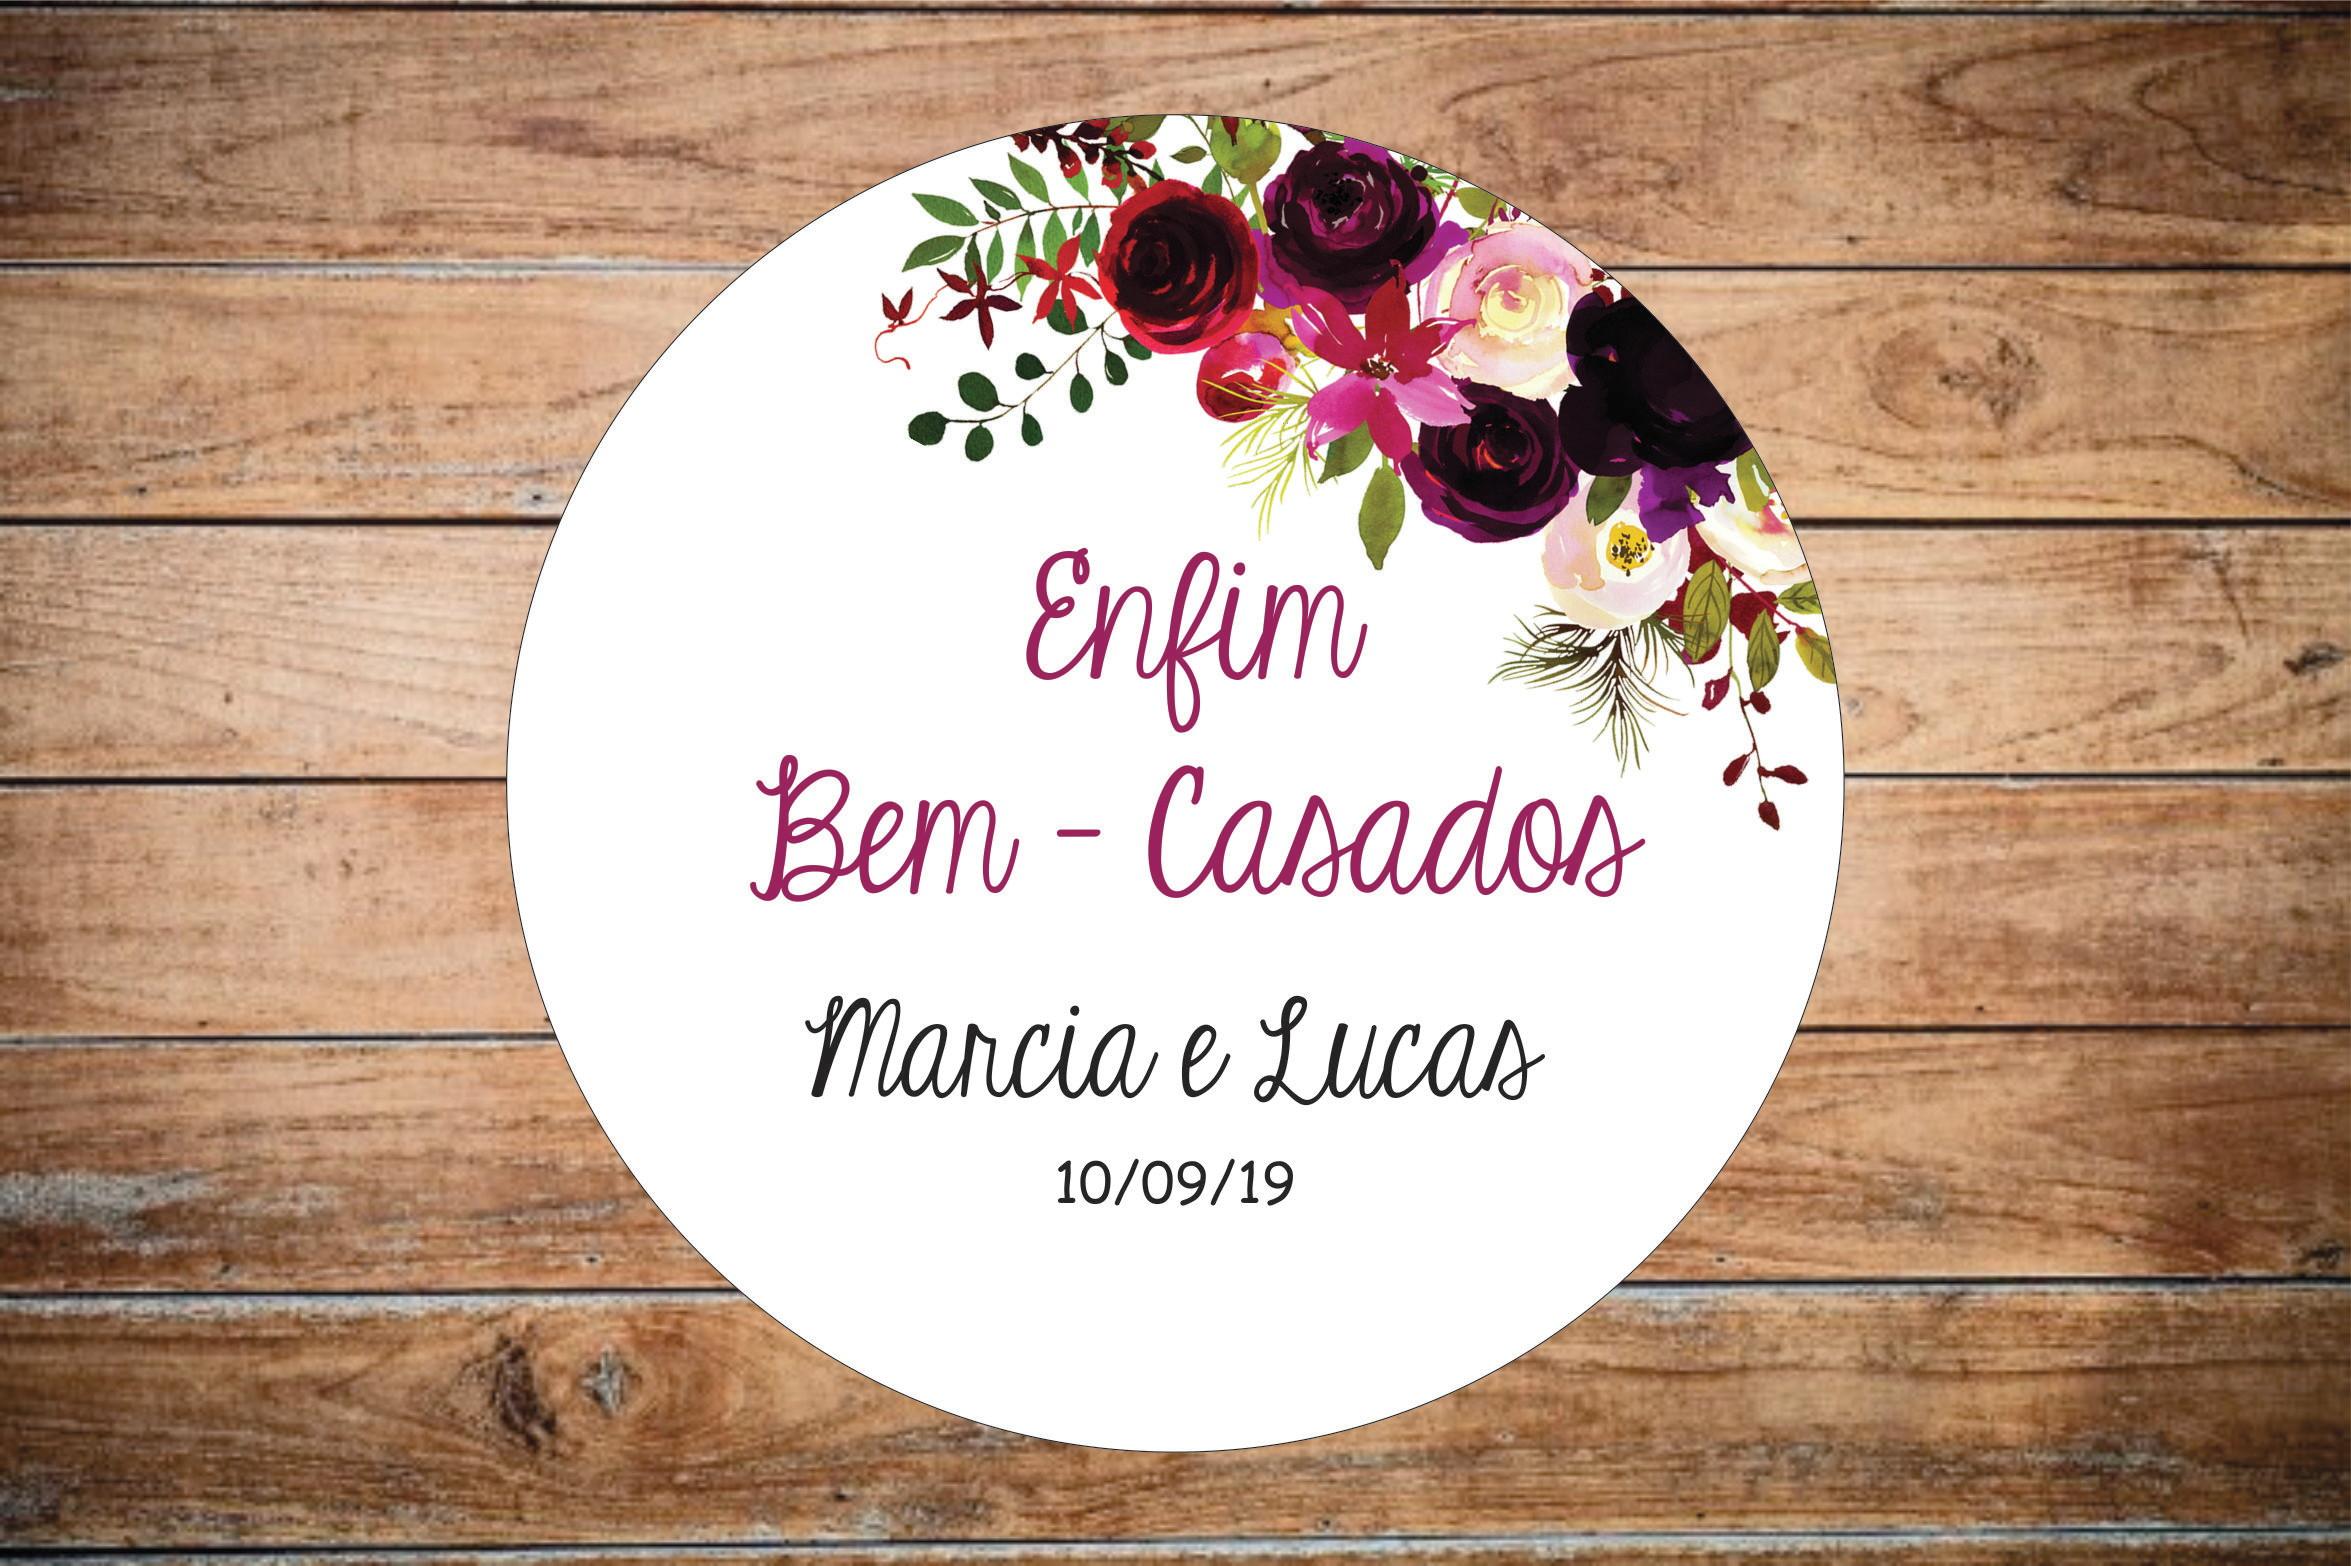 Tag Bem Casados Lembrancinha Floral T2 No Elo7 House